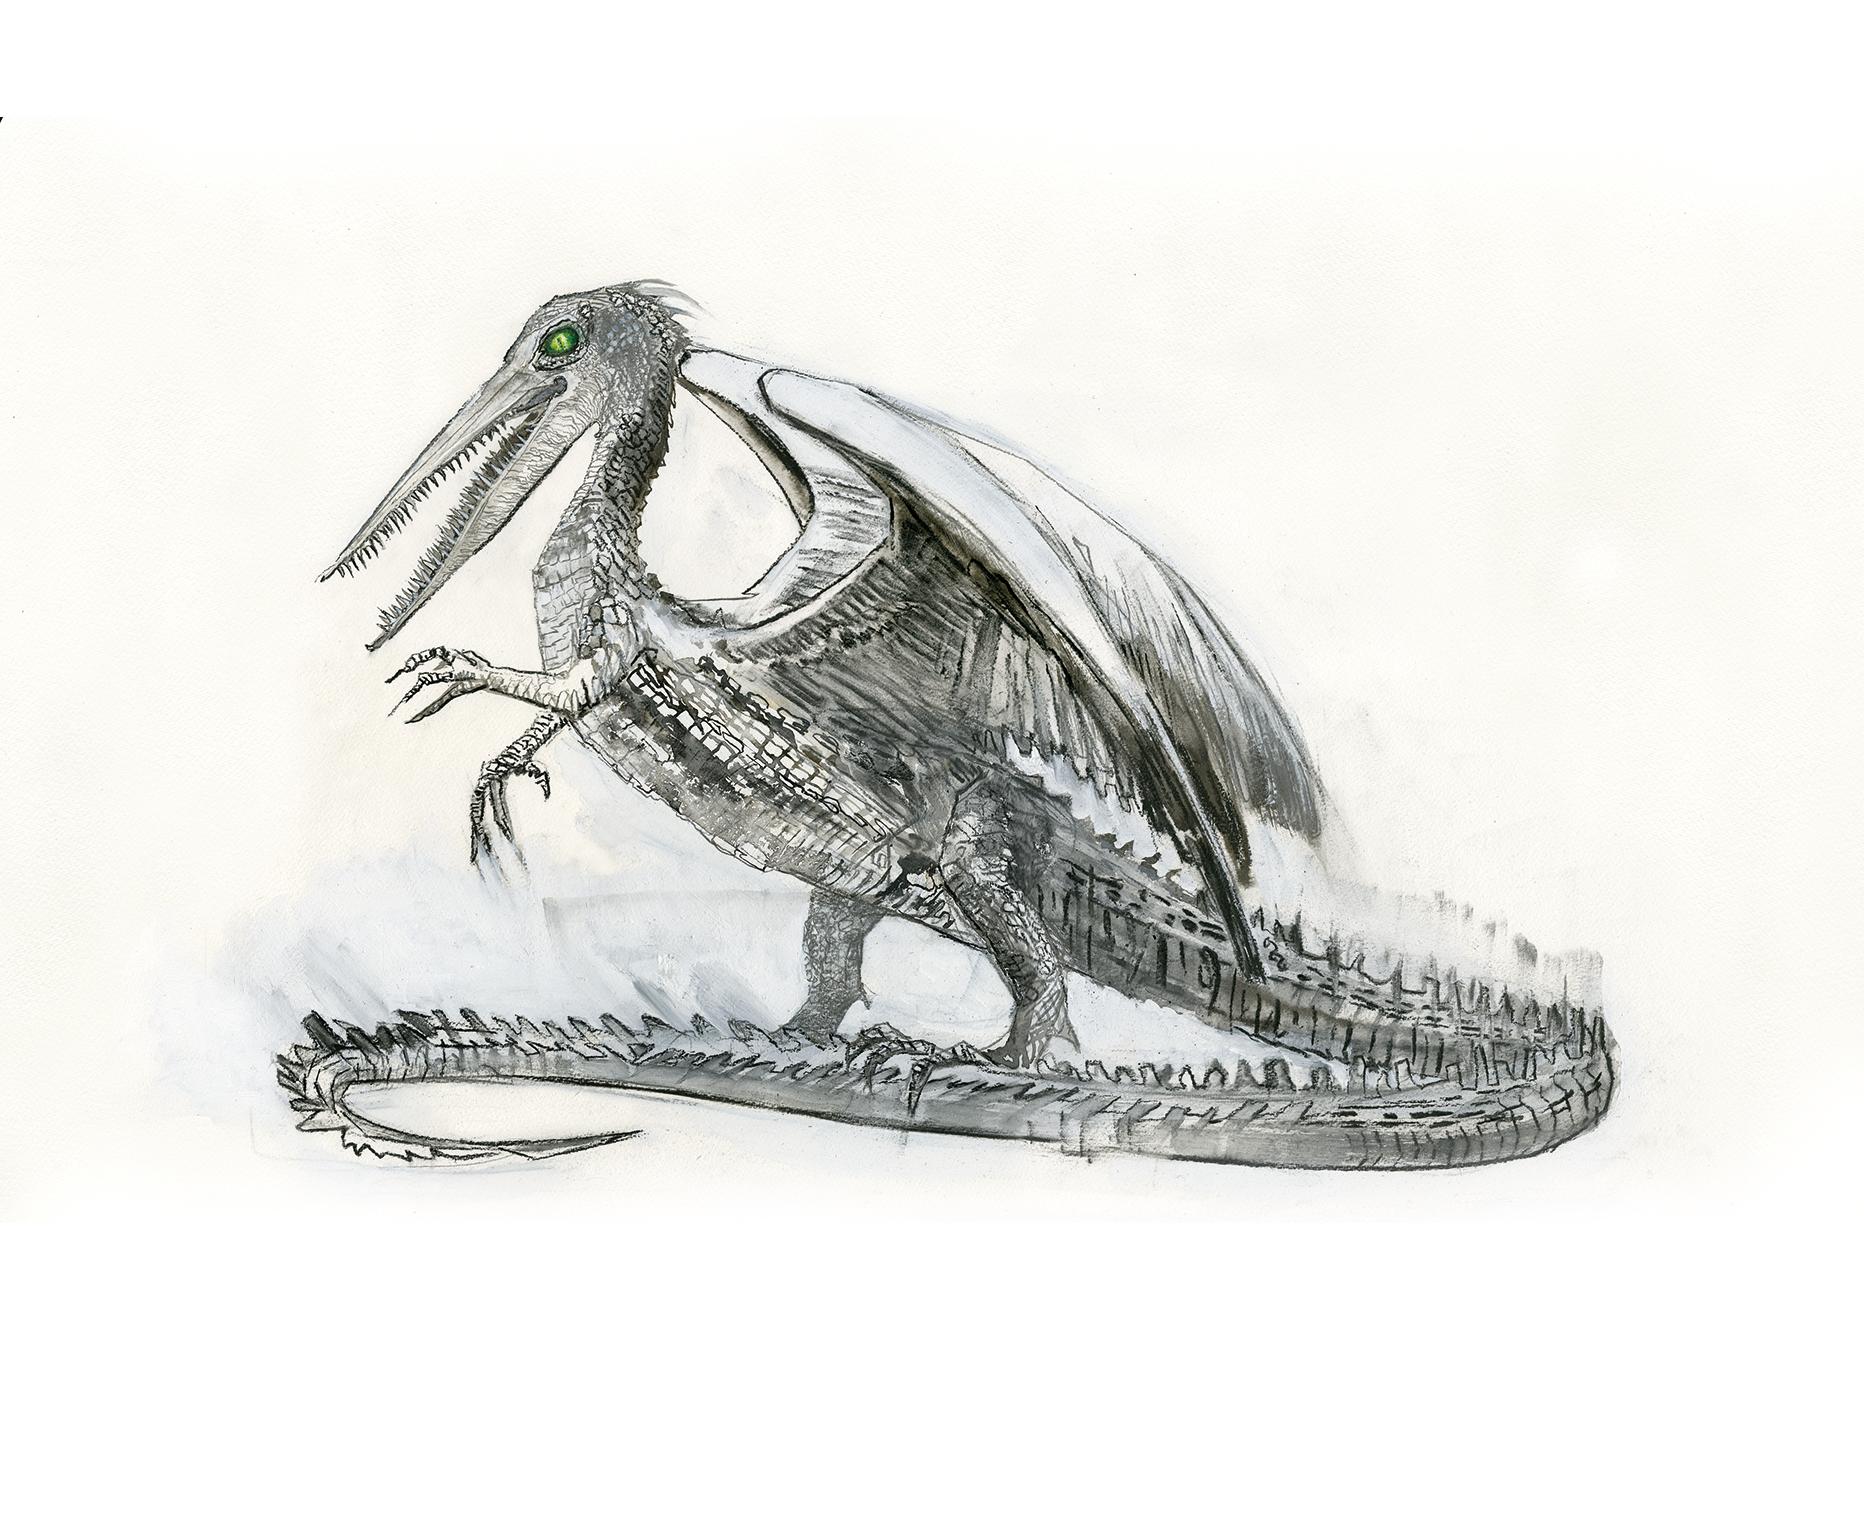 O snallygaster está em pé, sob as patas de trás. Seu corpo é todo escamado e tem patas curtas, sendo as da frente menores que as de trás, e o rabo muito longo, quase metade de todo o comprimento da criatura. O corpo se assemelha ao de um lagarto, só que com asas com penas. Já a cabeça, parece ser de um pássaro com bicos longos e dentados. O olho é a única coisa colorida do desenho, com um verde bem forte.